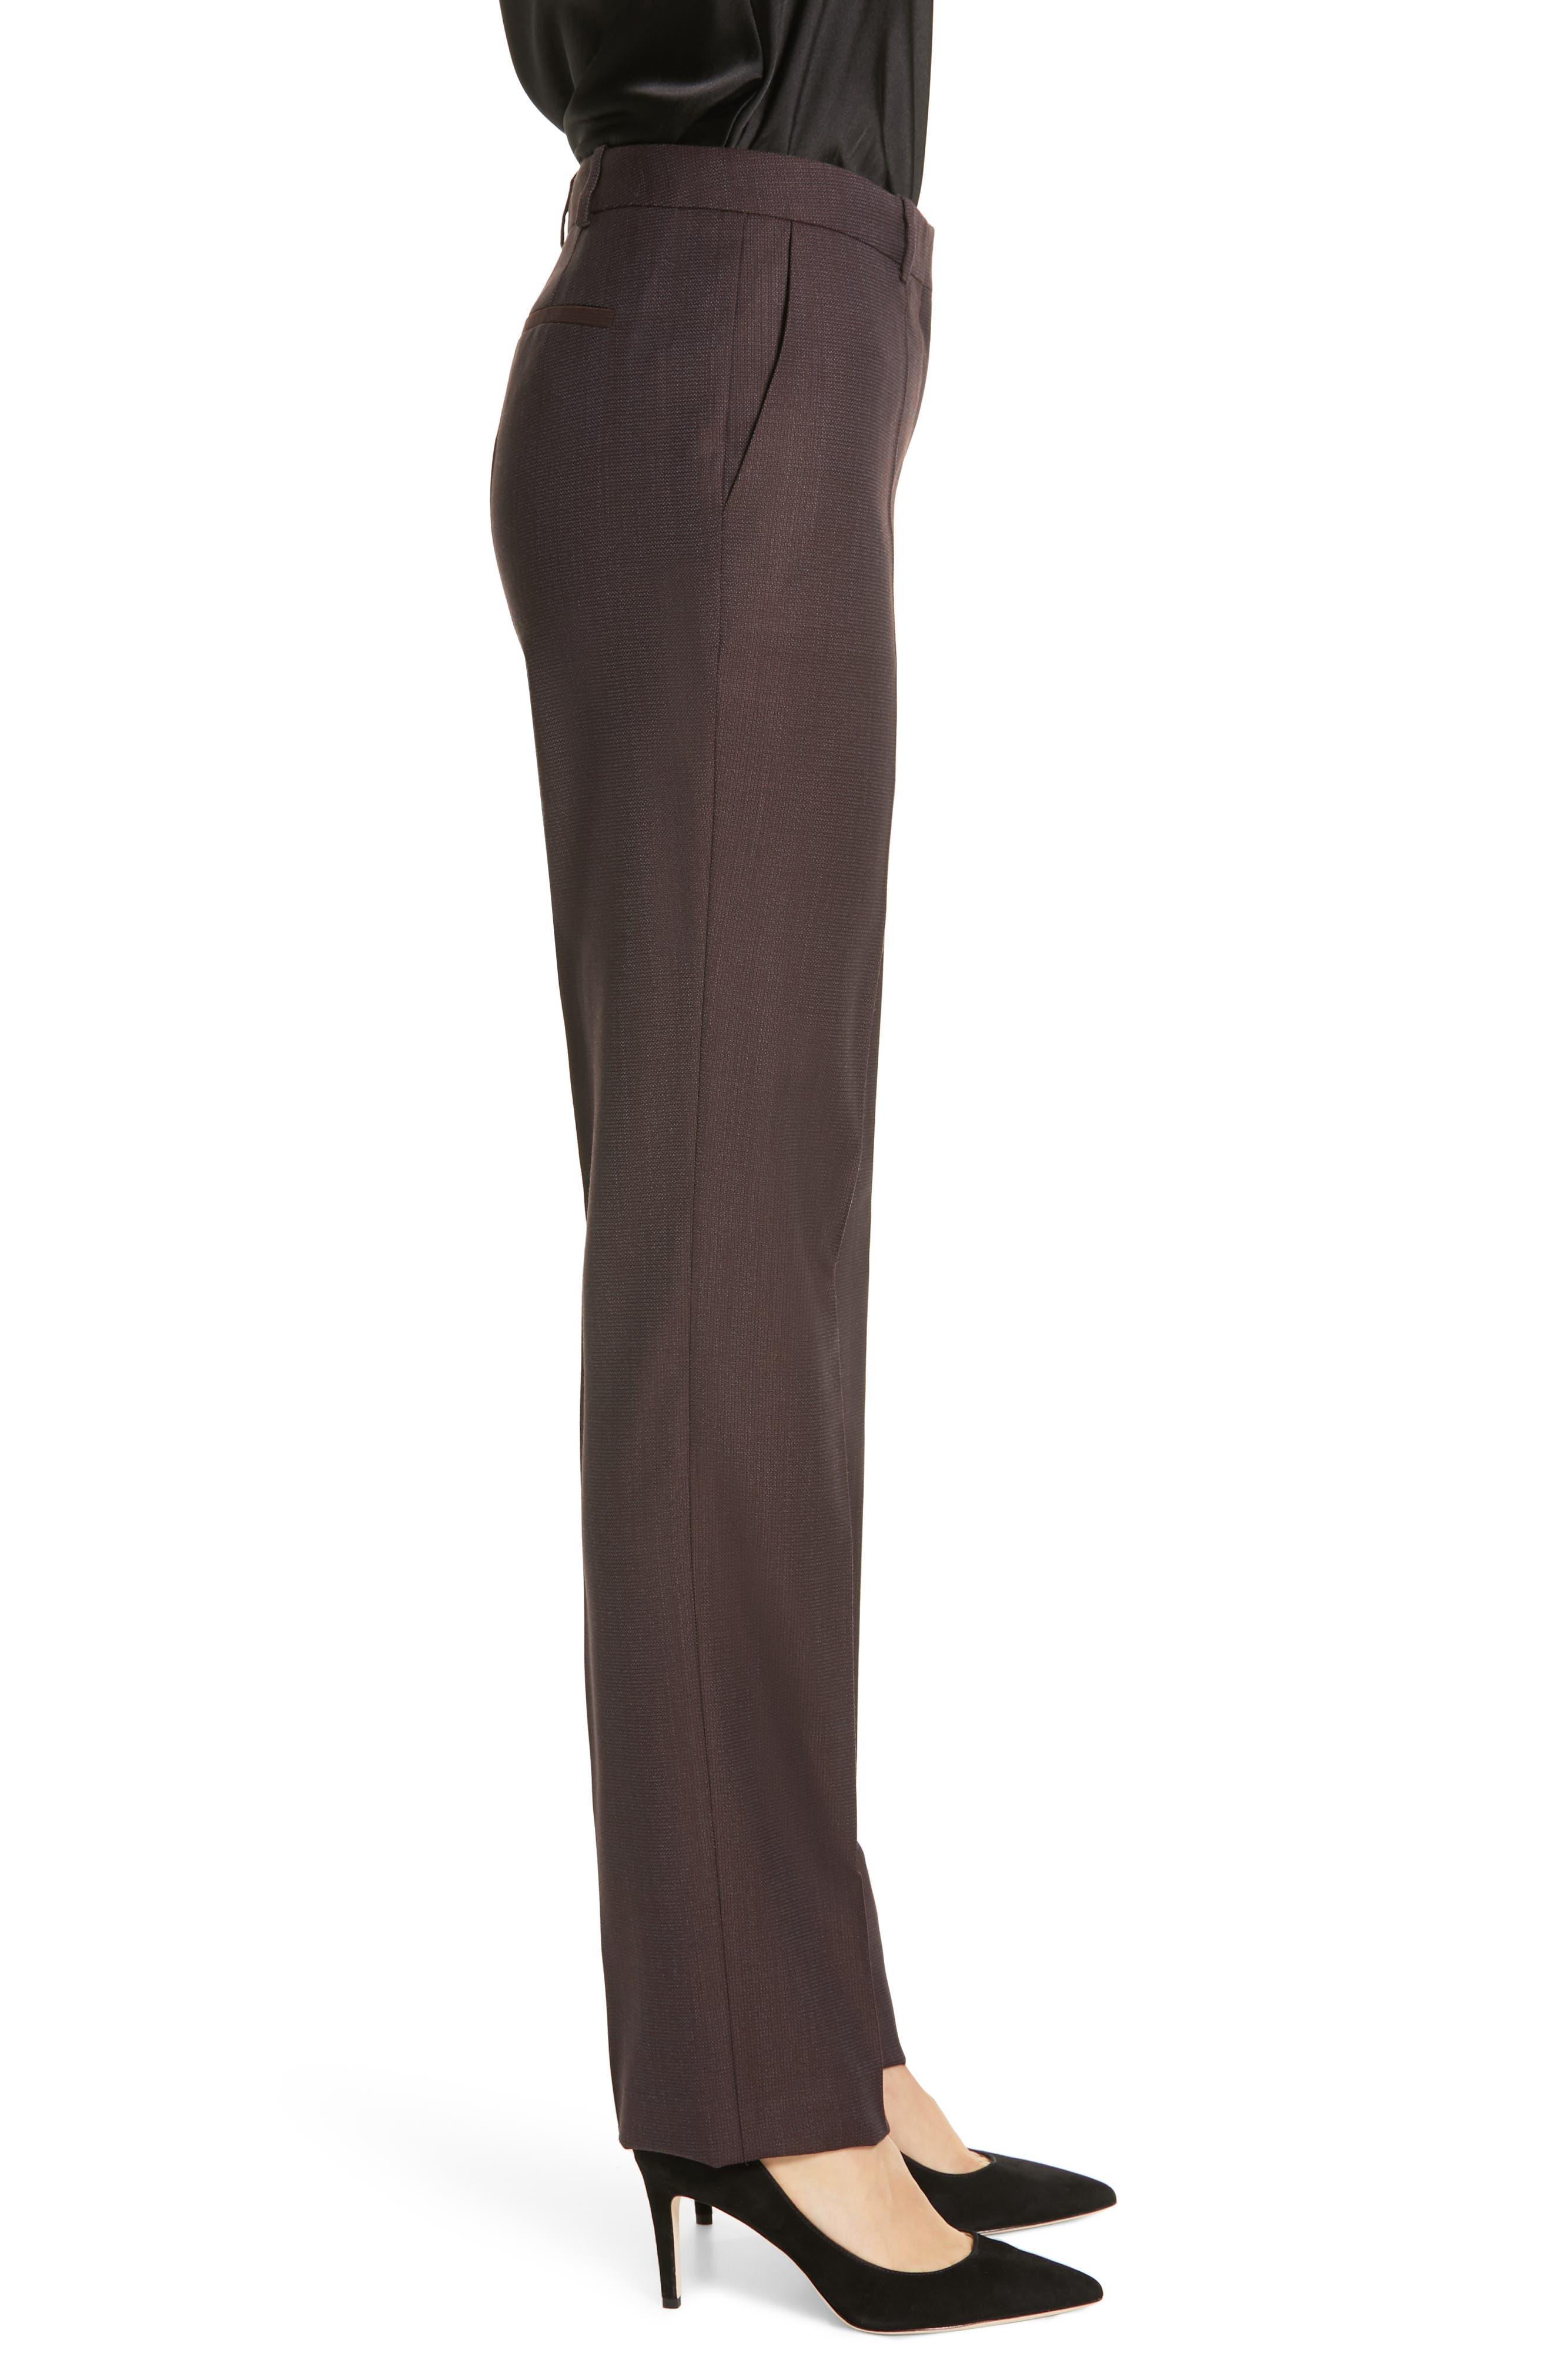 Tamea Slim Wool Suit Pants,                             Alternate thumbnail 3, color,                             DARK BERRY FANTASY